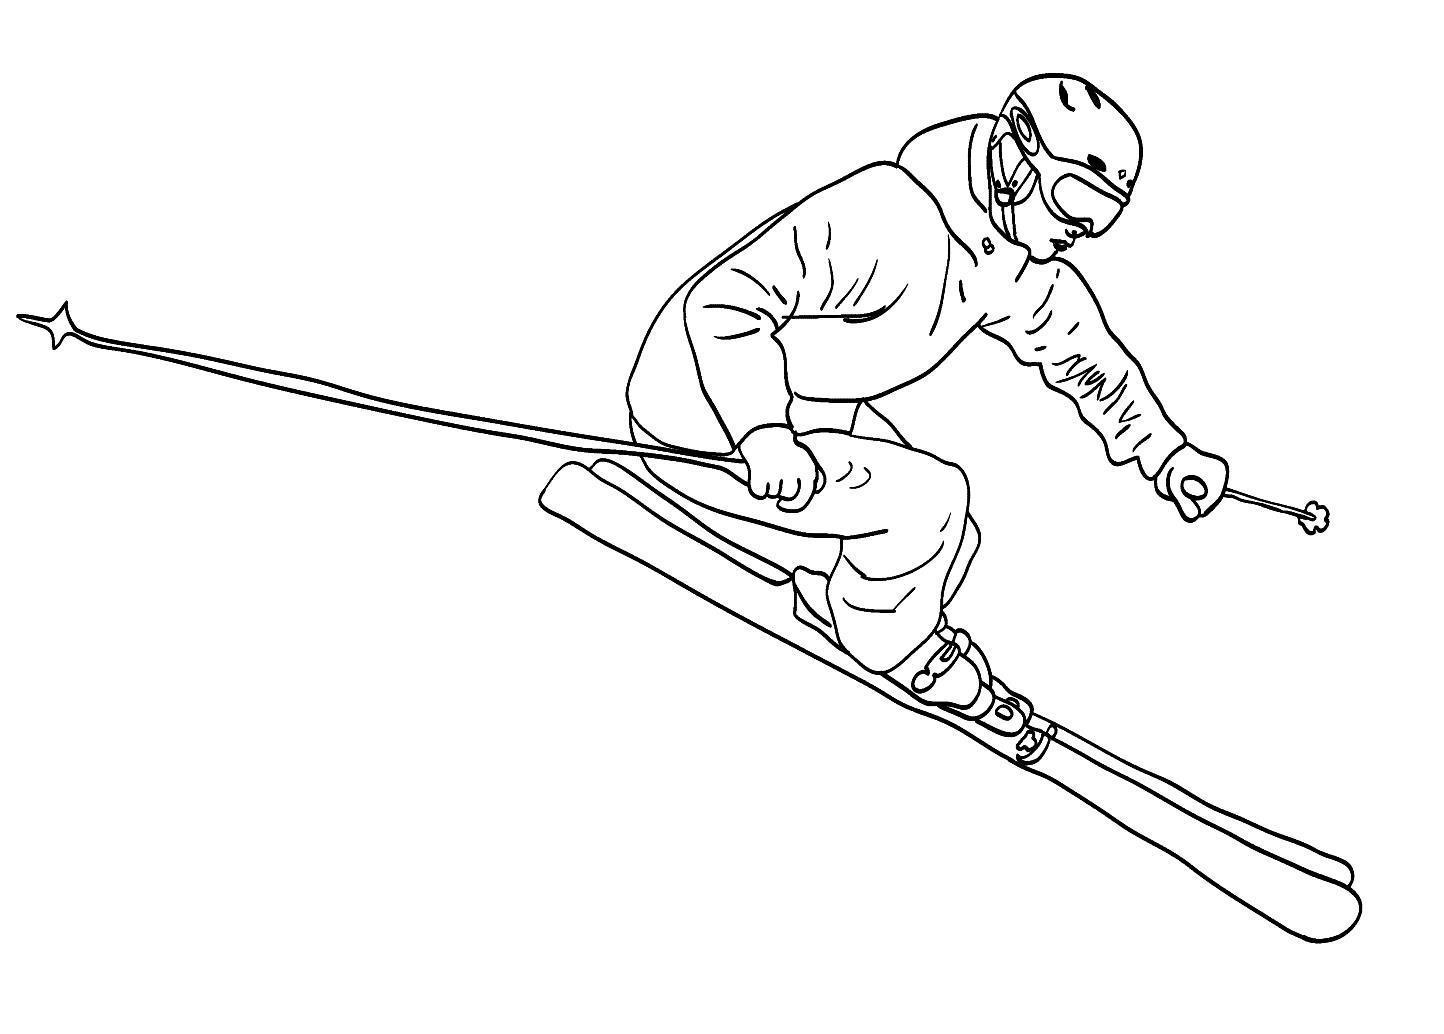 Полет на лыжах Раскраски зима распечатать бесплатно